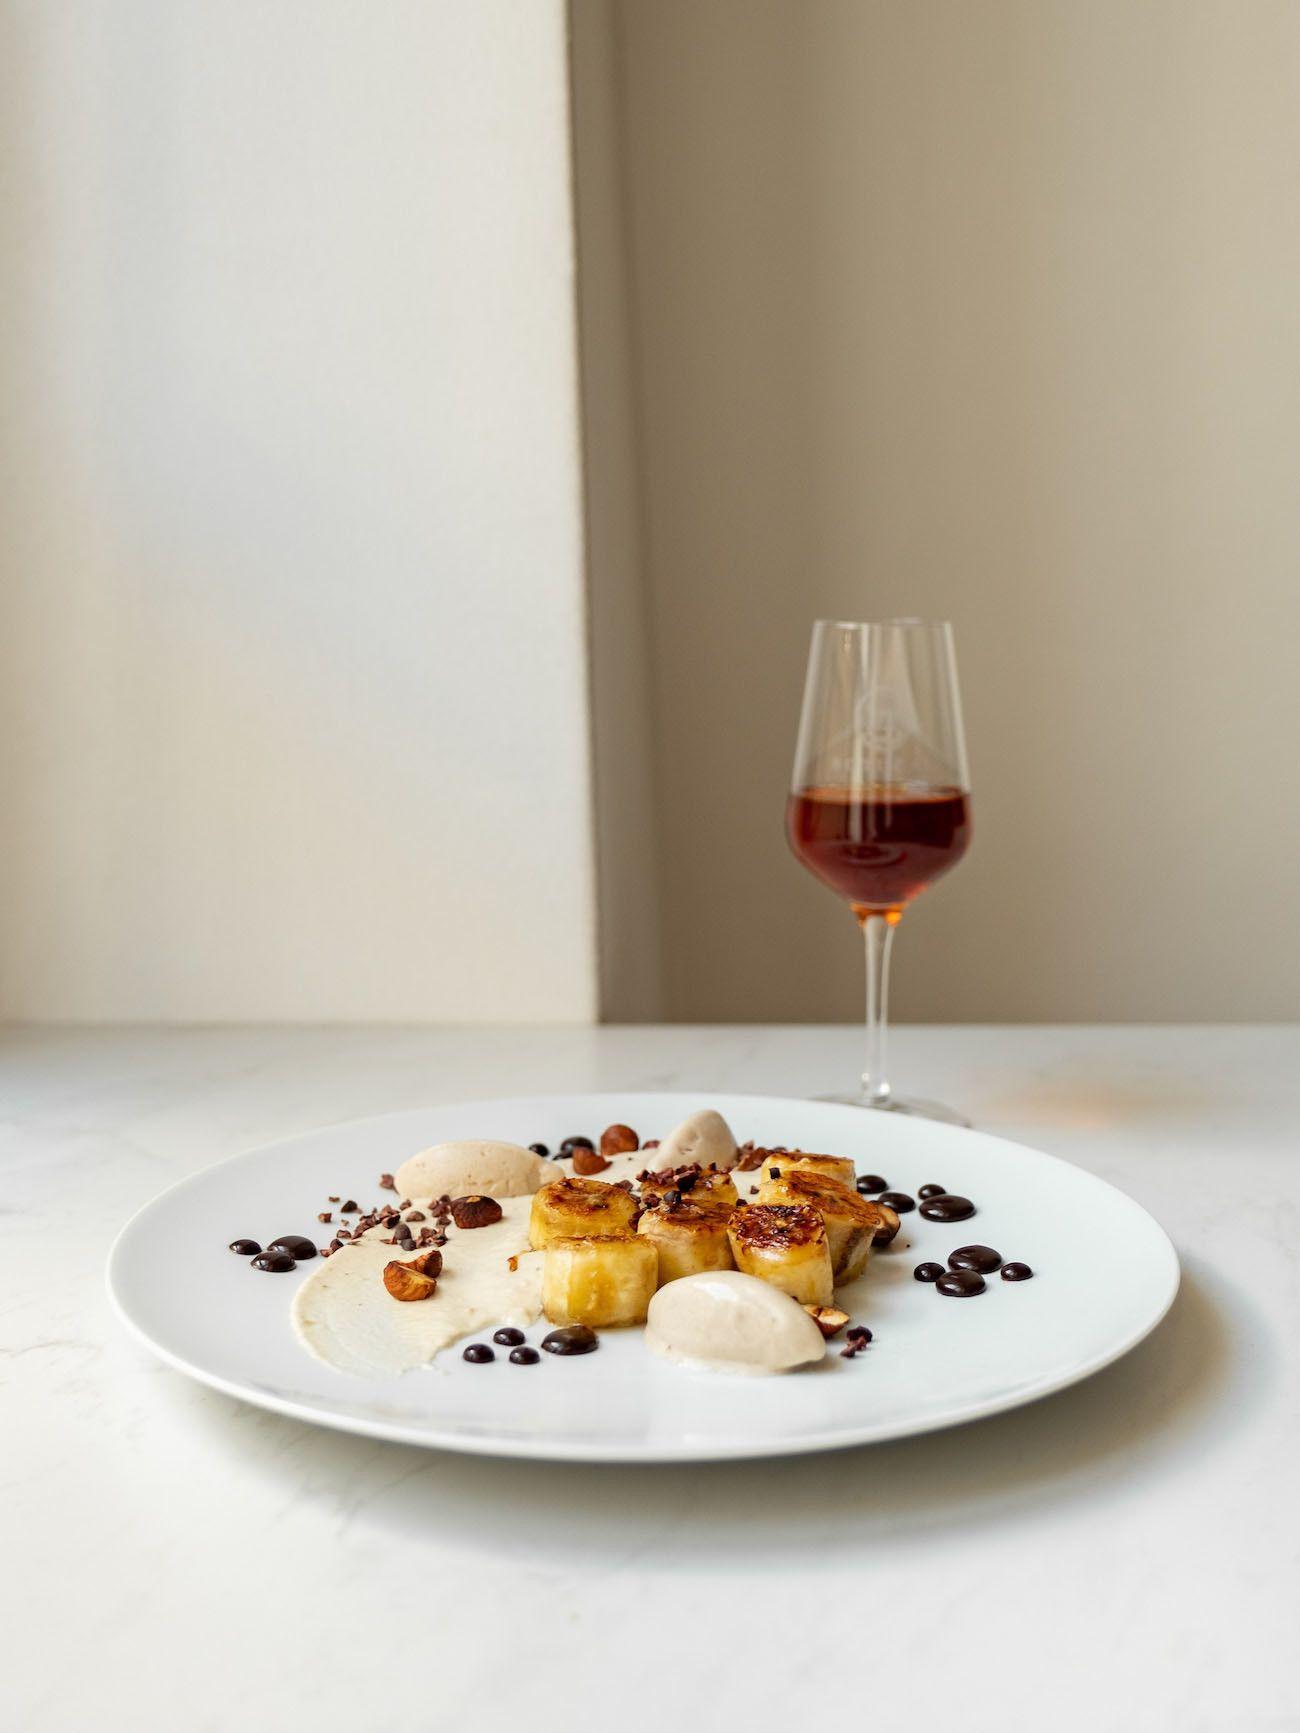 Foodblog, About Fuel, Rezept, Rum Bananen Dessert mit Hasenüssen und Schokoladen-Karamell, Teller